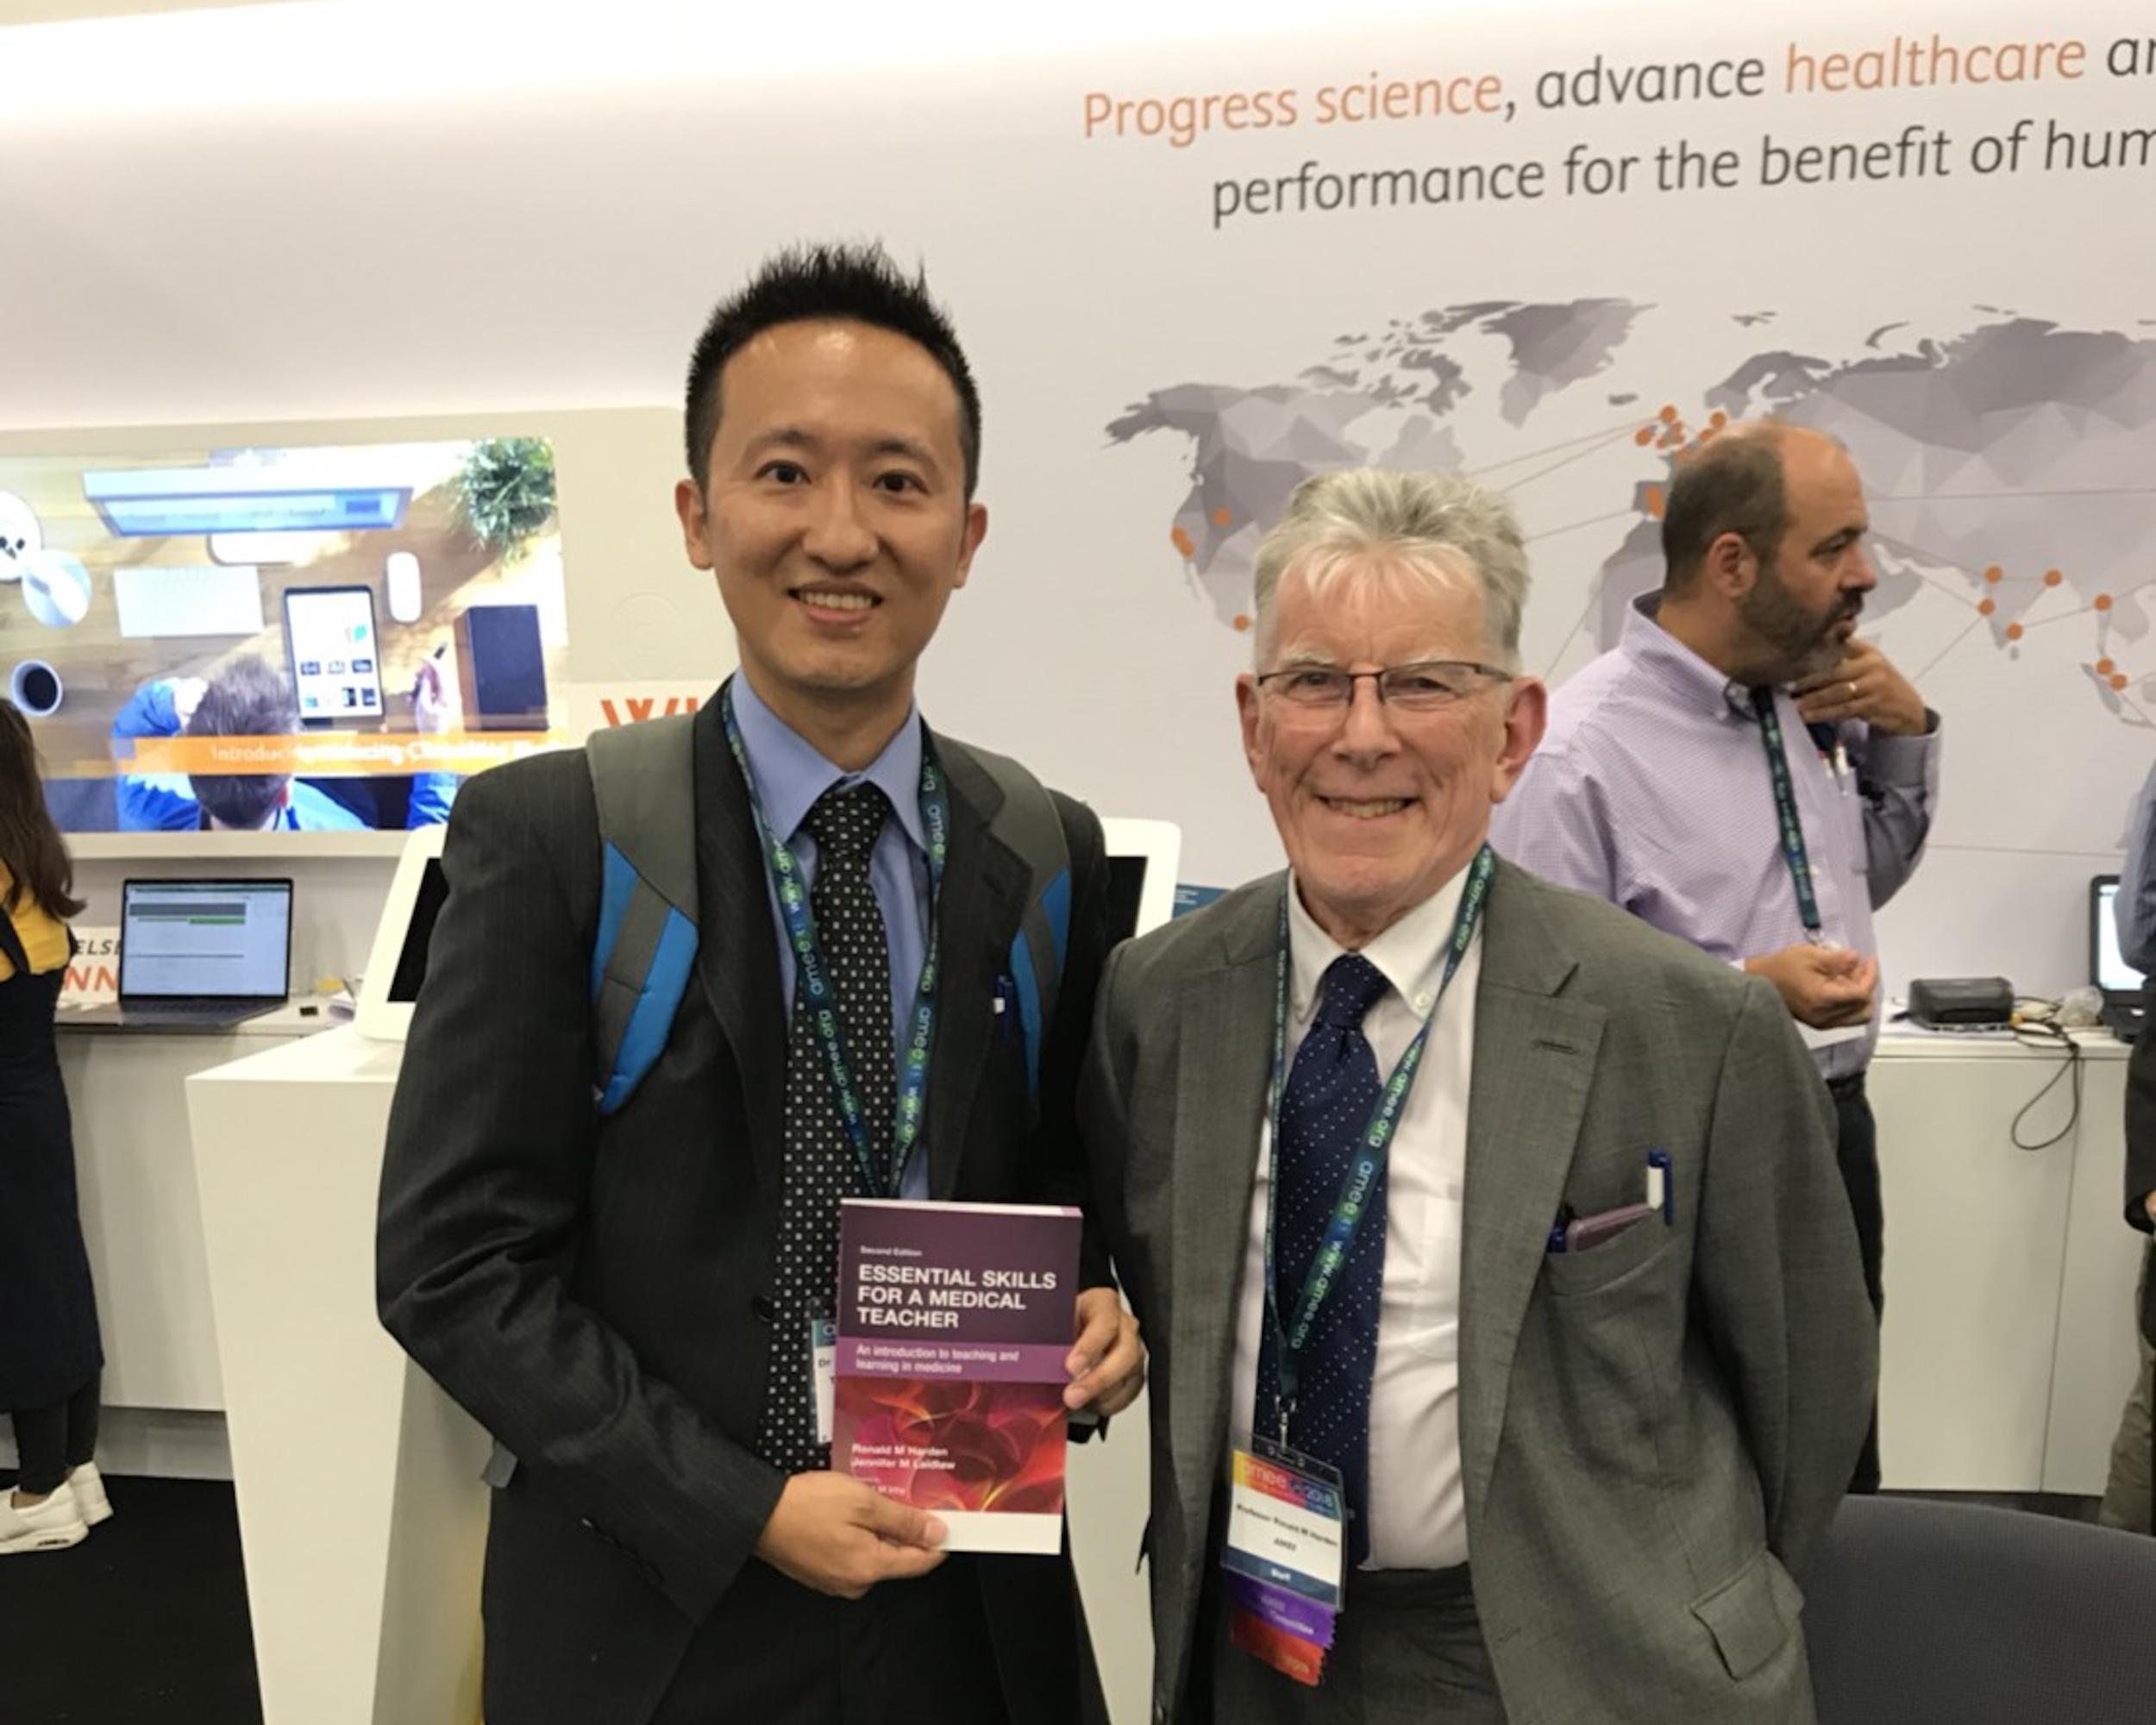 趙從賢副教授(圖左)投身醫學教育研究且具有重大貢獻,獲110年度吳大猷先生紀念獎肯定。